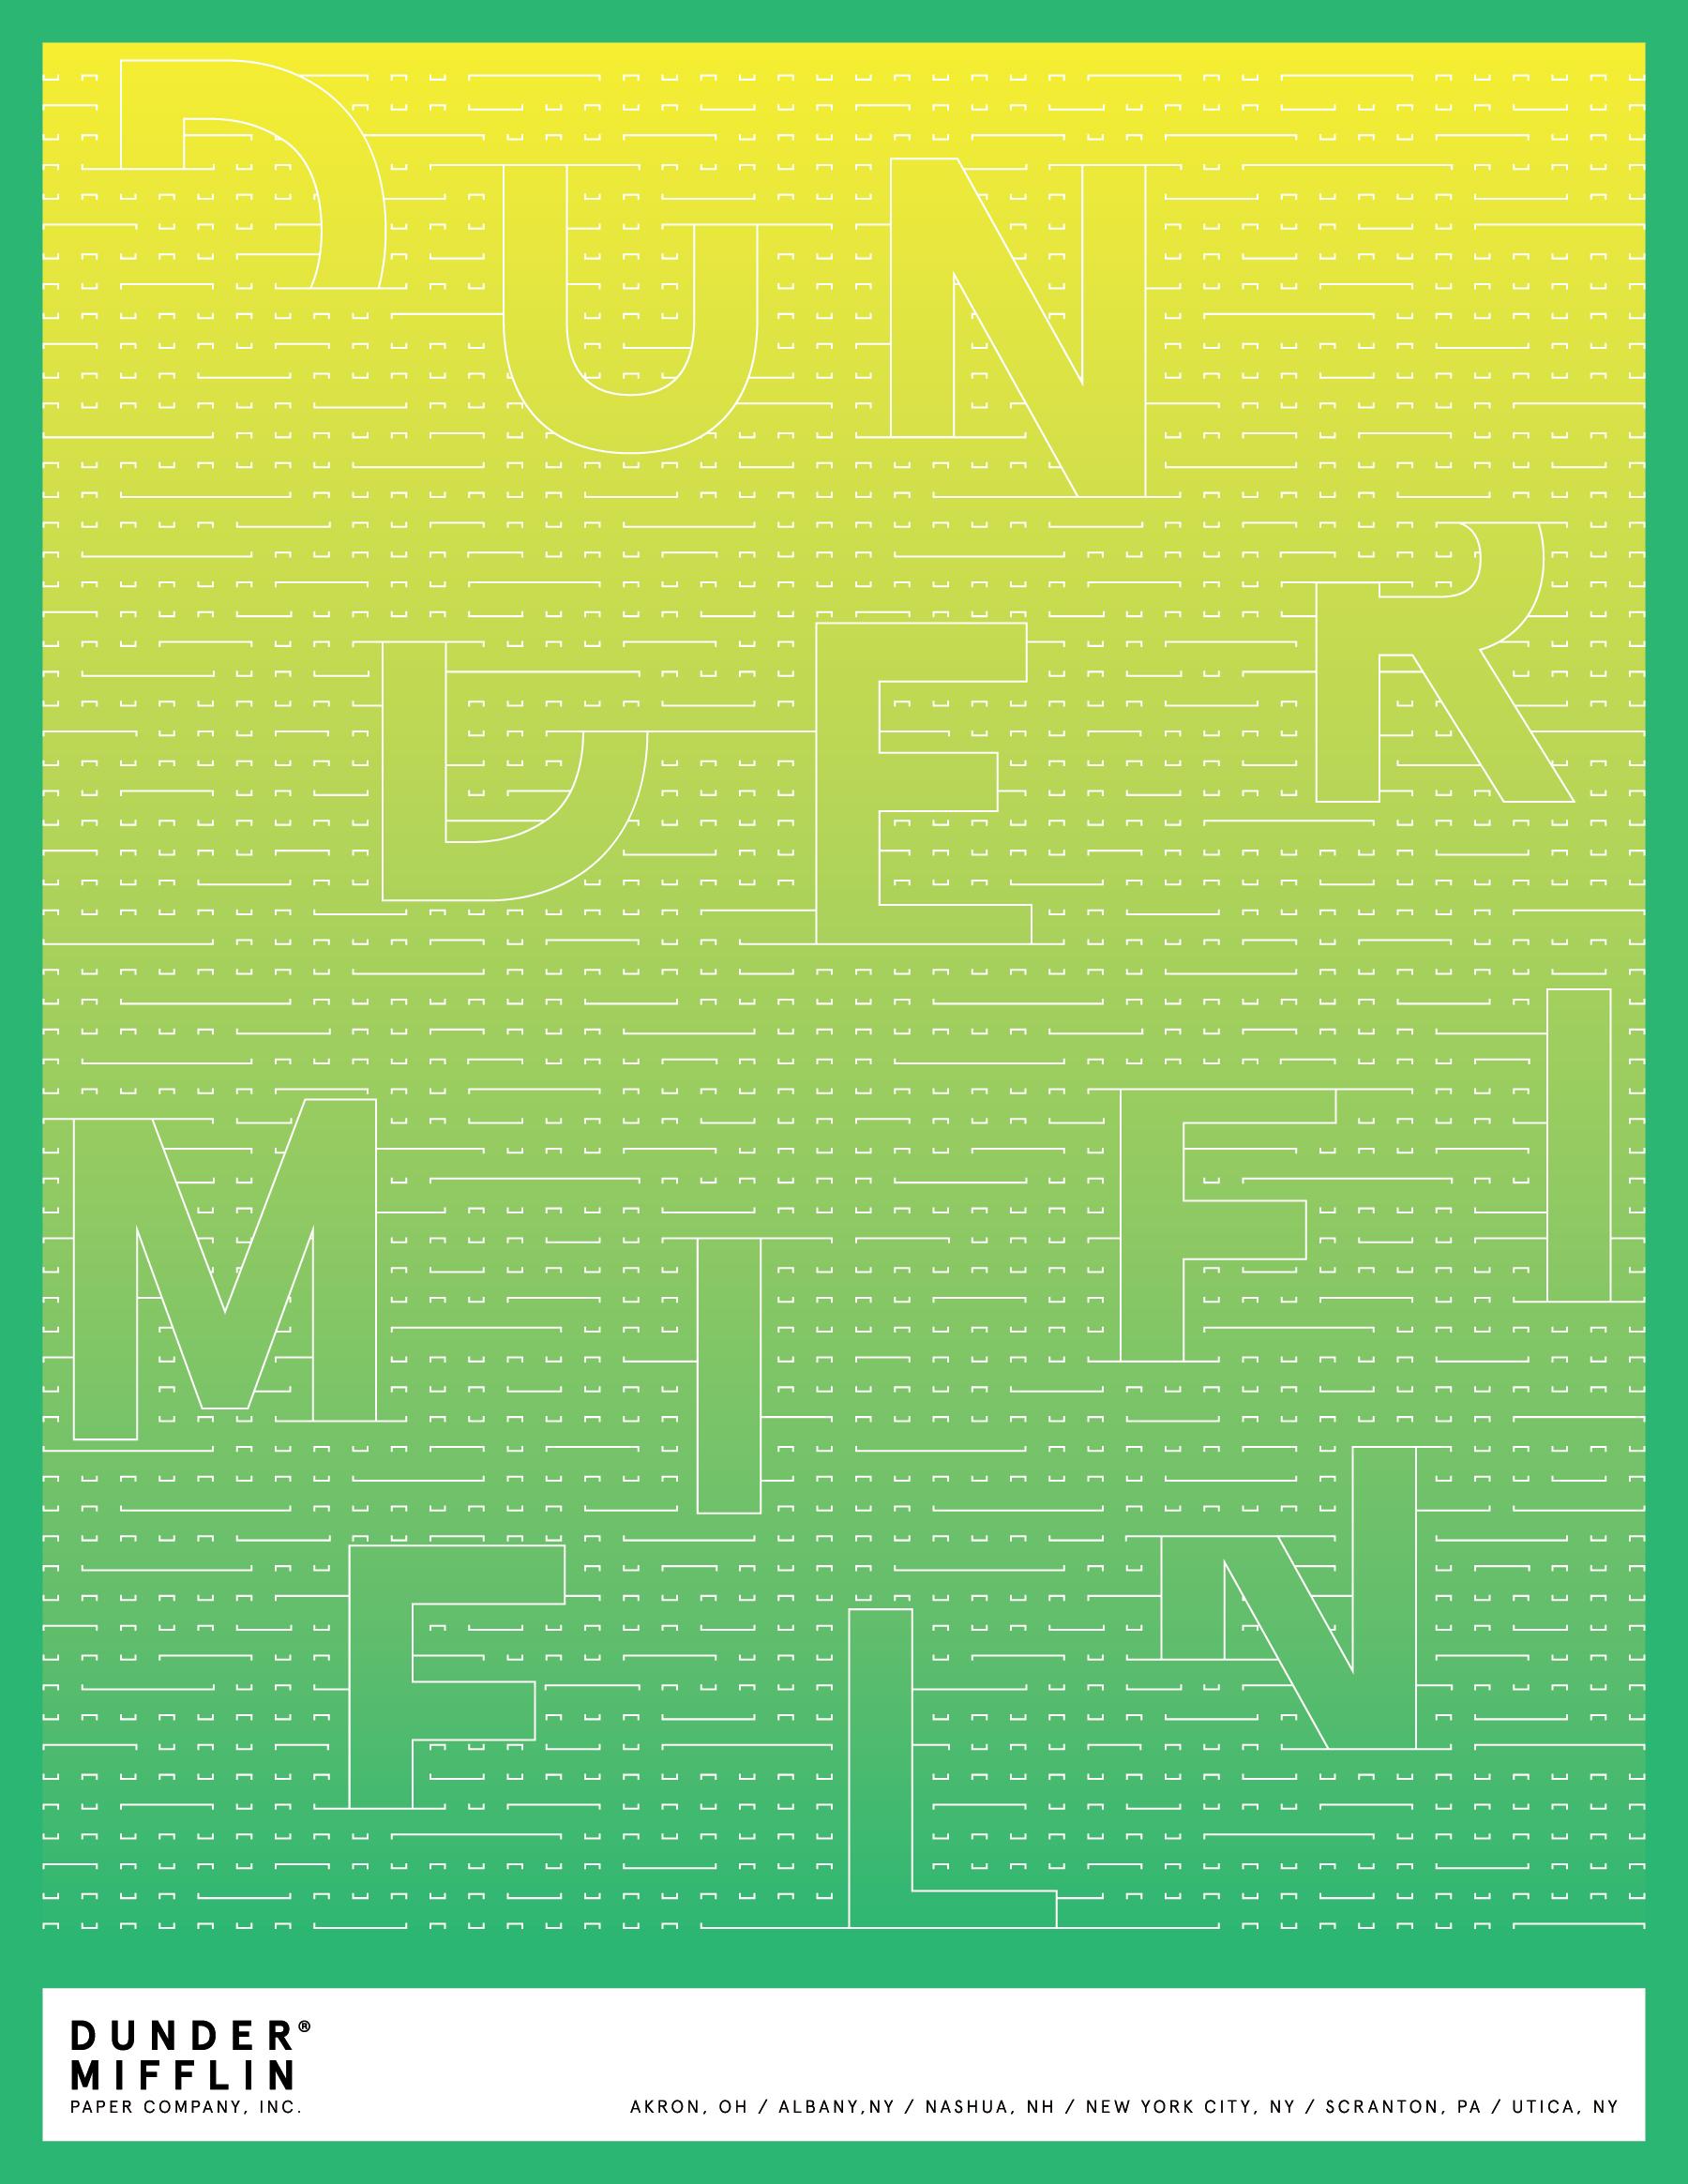 DunderMifflin_posters-09.jpg